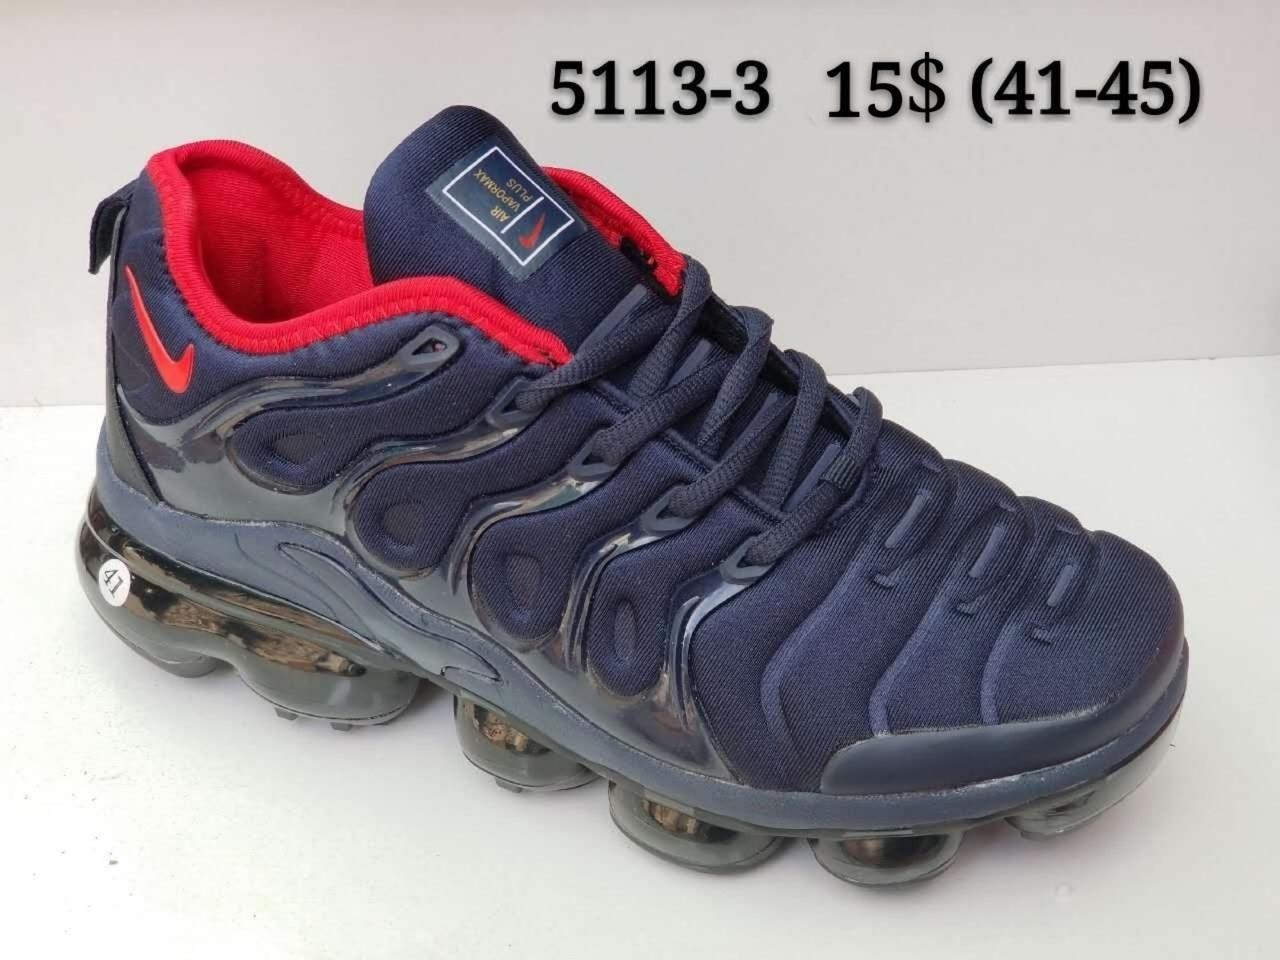 Мужские кроссовки Nike Vapormax Plus оптом (41-45)